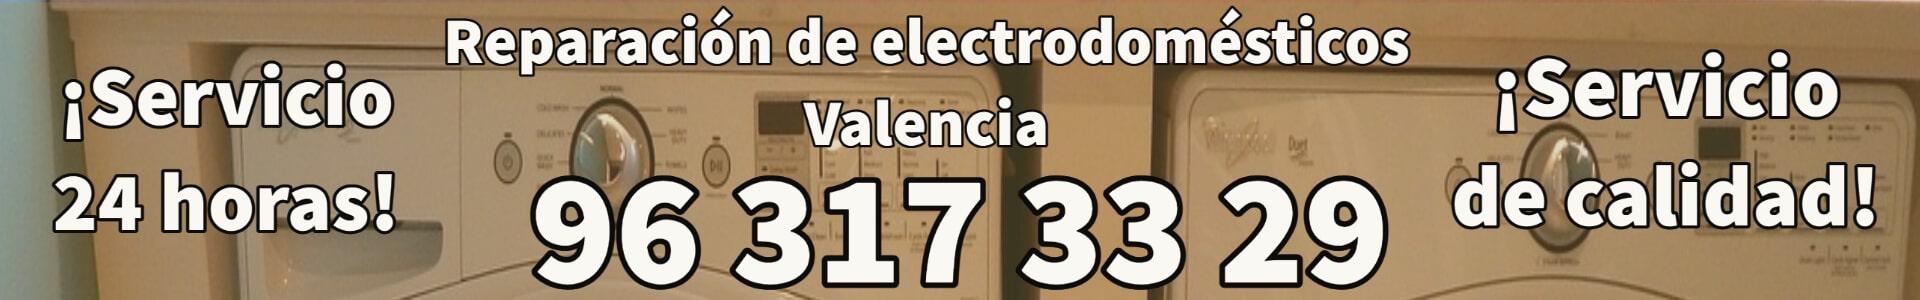 reparacion de electrodomesticos valencia